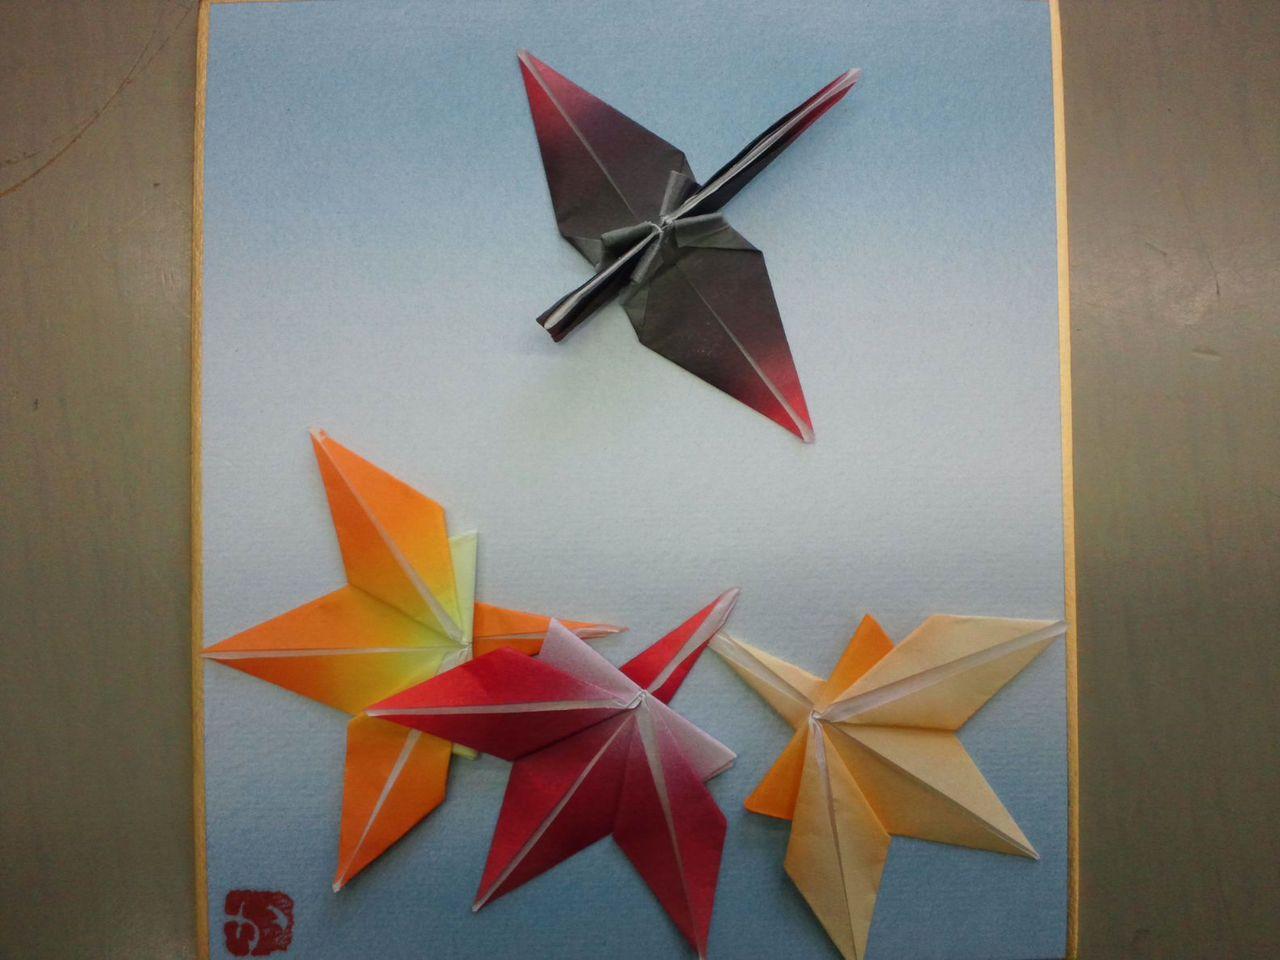 評価 -- 1(最低) 2 3 4 5(最高 ... : 折り紙 ボックス 折り方 : 折り方